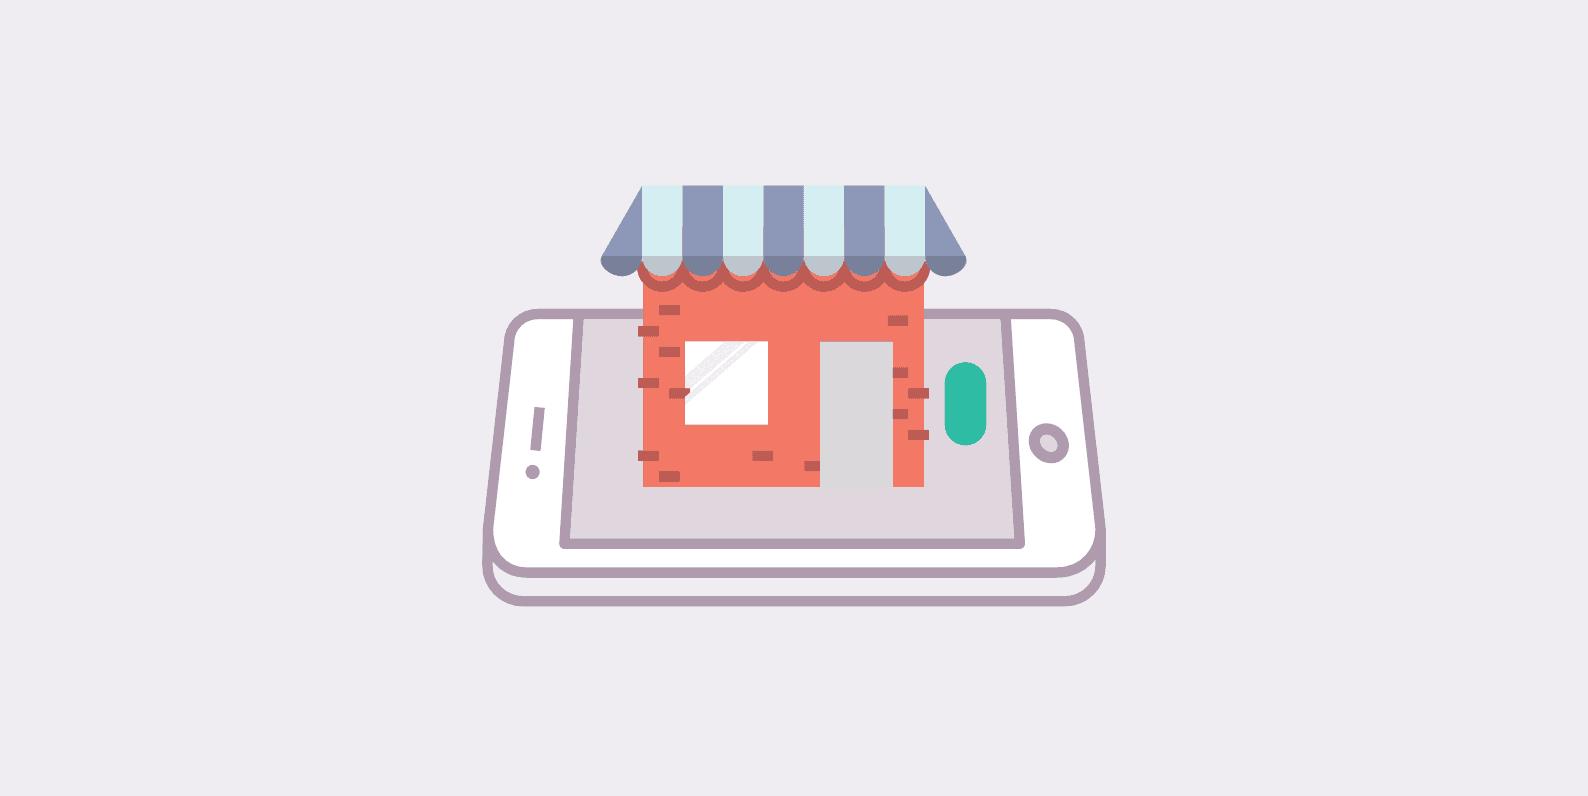 come-creare-url-coupon-in-woocommerce-per-applicare-sconti